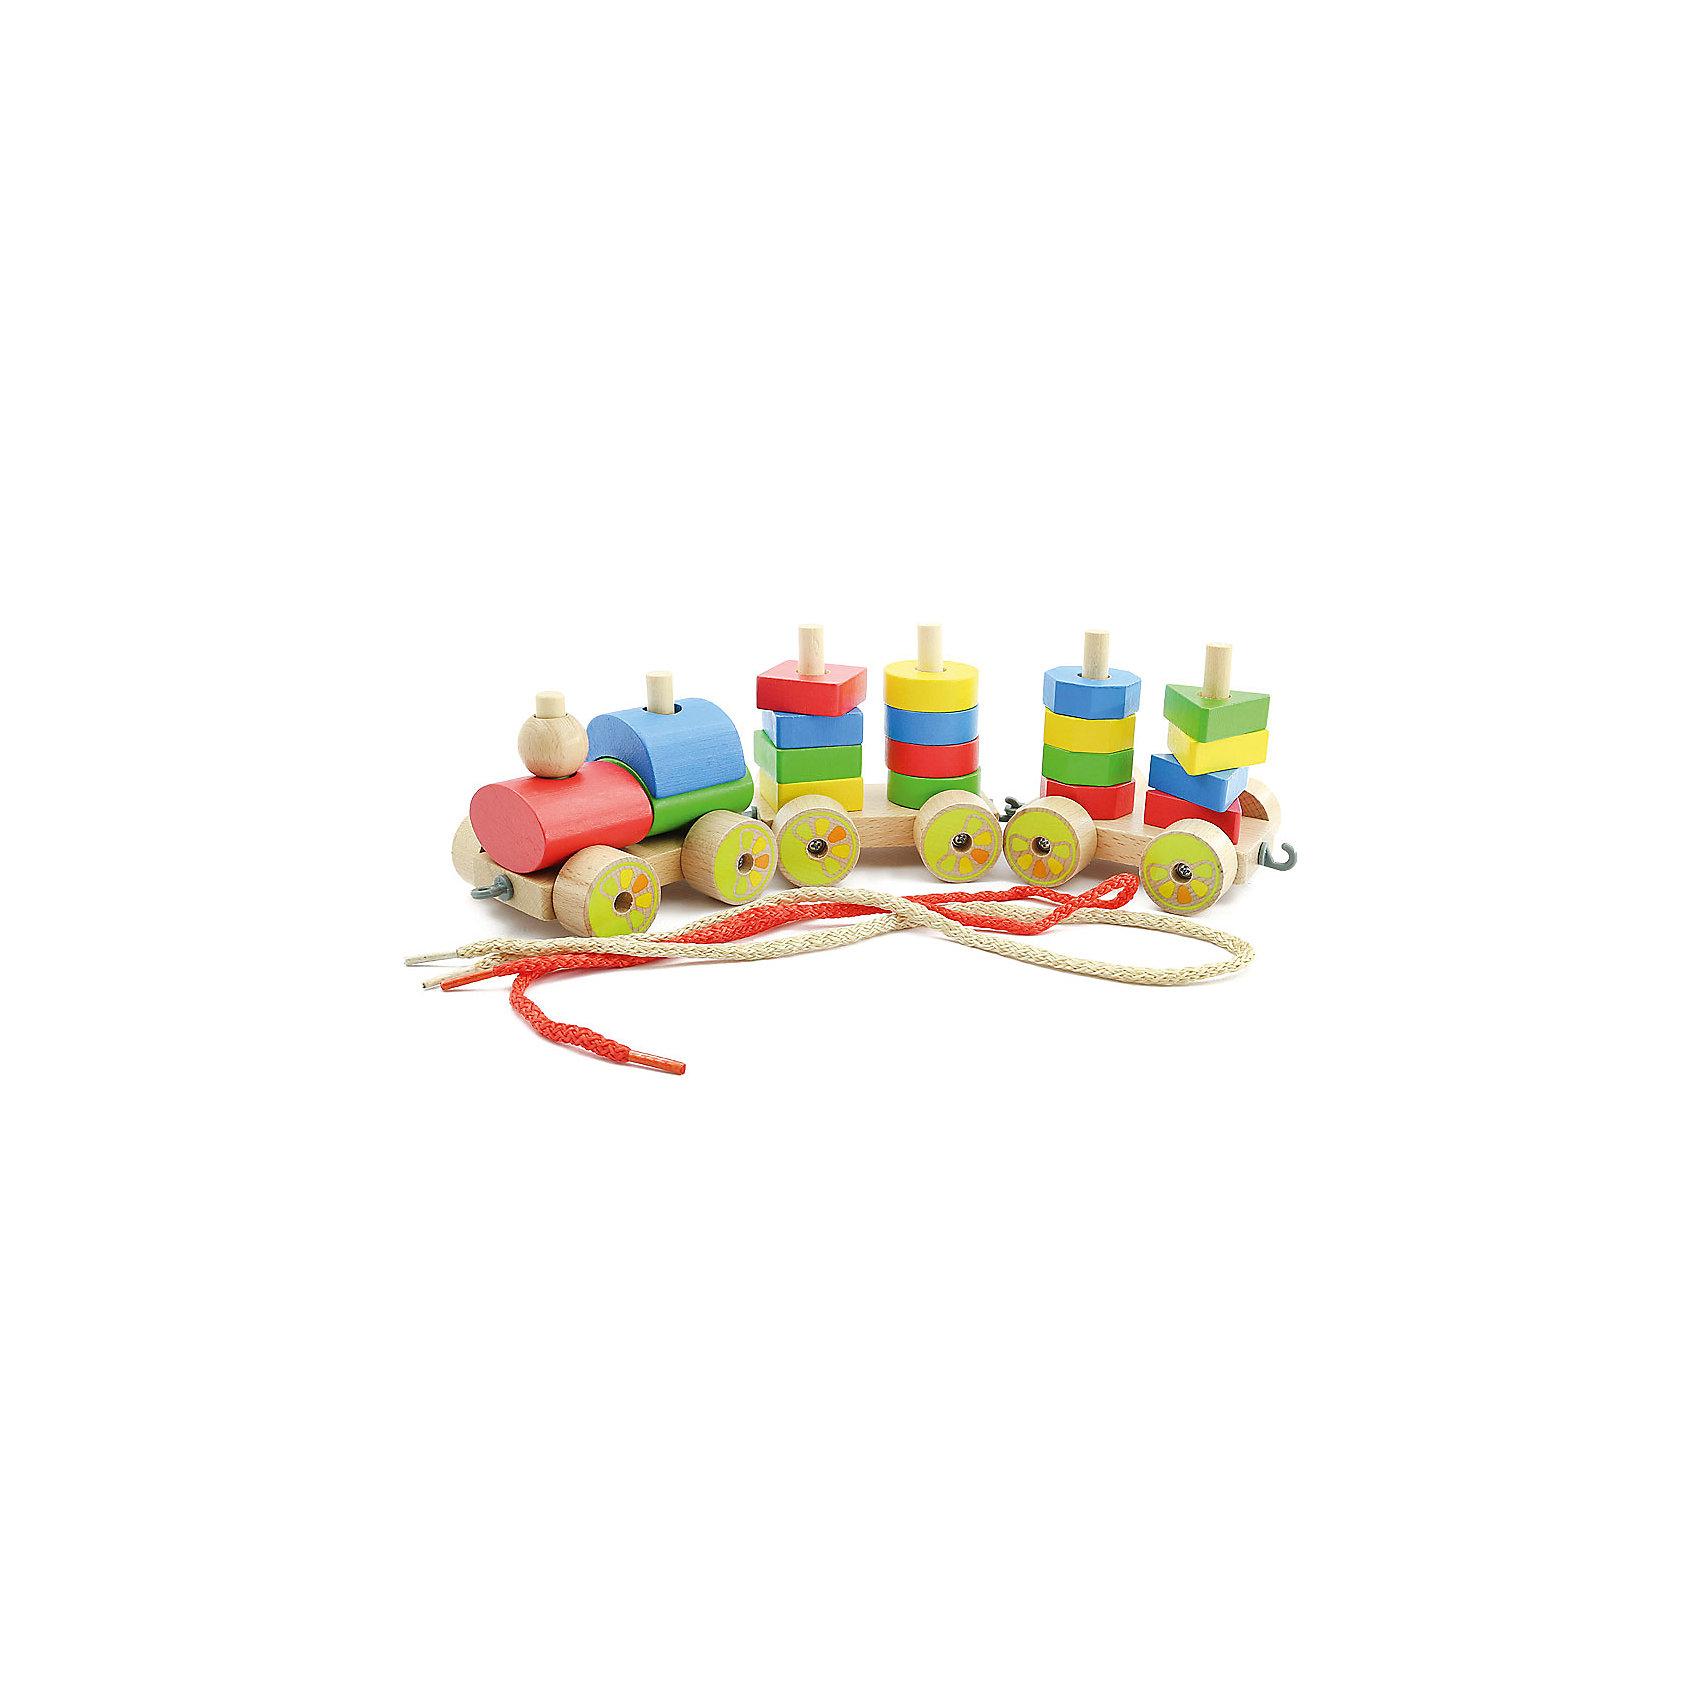 МДИ Паровозик (малый), Мир деревянных игрушек мир деревянных игрушек конструктор паровозик д018